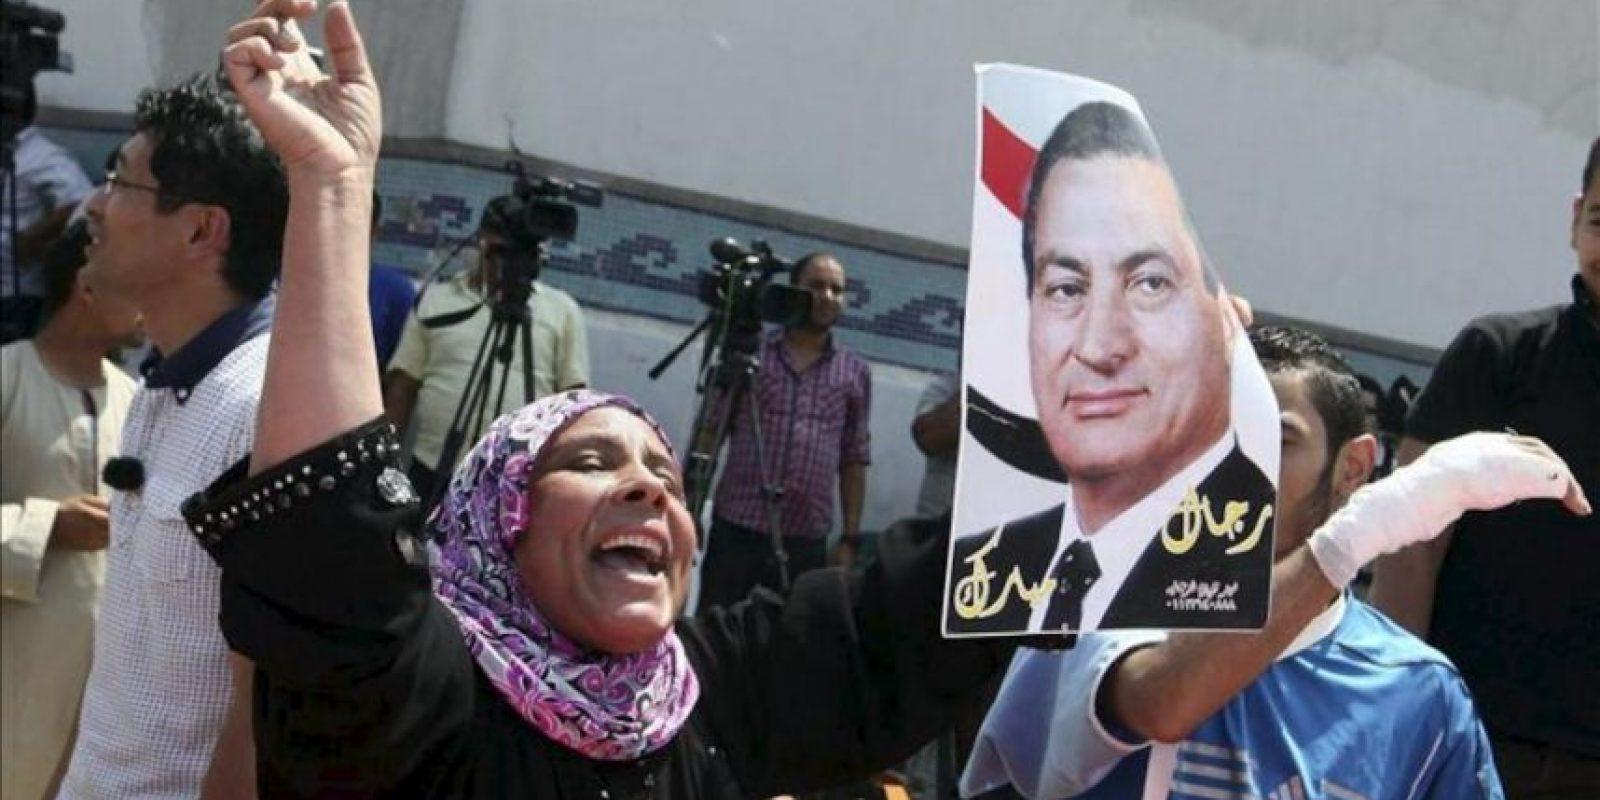 Una simpatizante del expresidente Hosni Mubarak celebra su puesta en libertad a la entrada de la cárcel de Tora donde se espera a que se completen los trámites que autoricen su marcha, en El Cairo (Egipto) hoy, jueves 22 de agosto de 2013. EFE